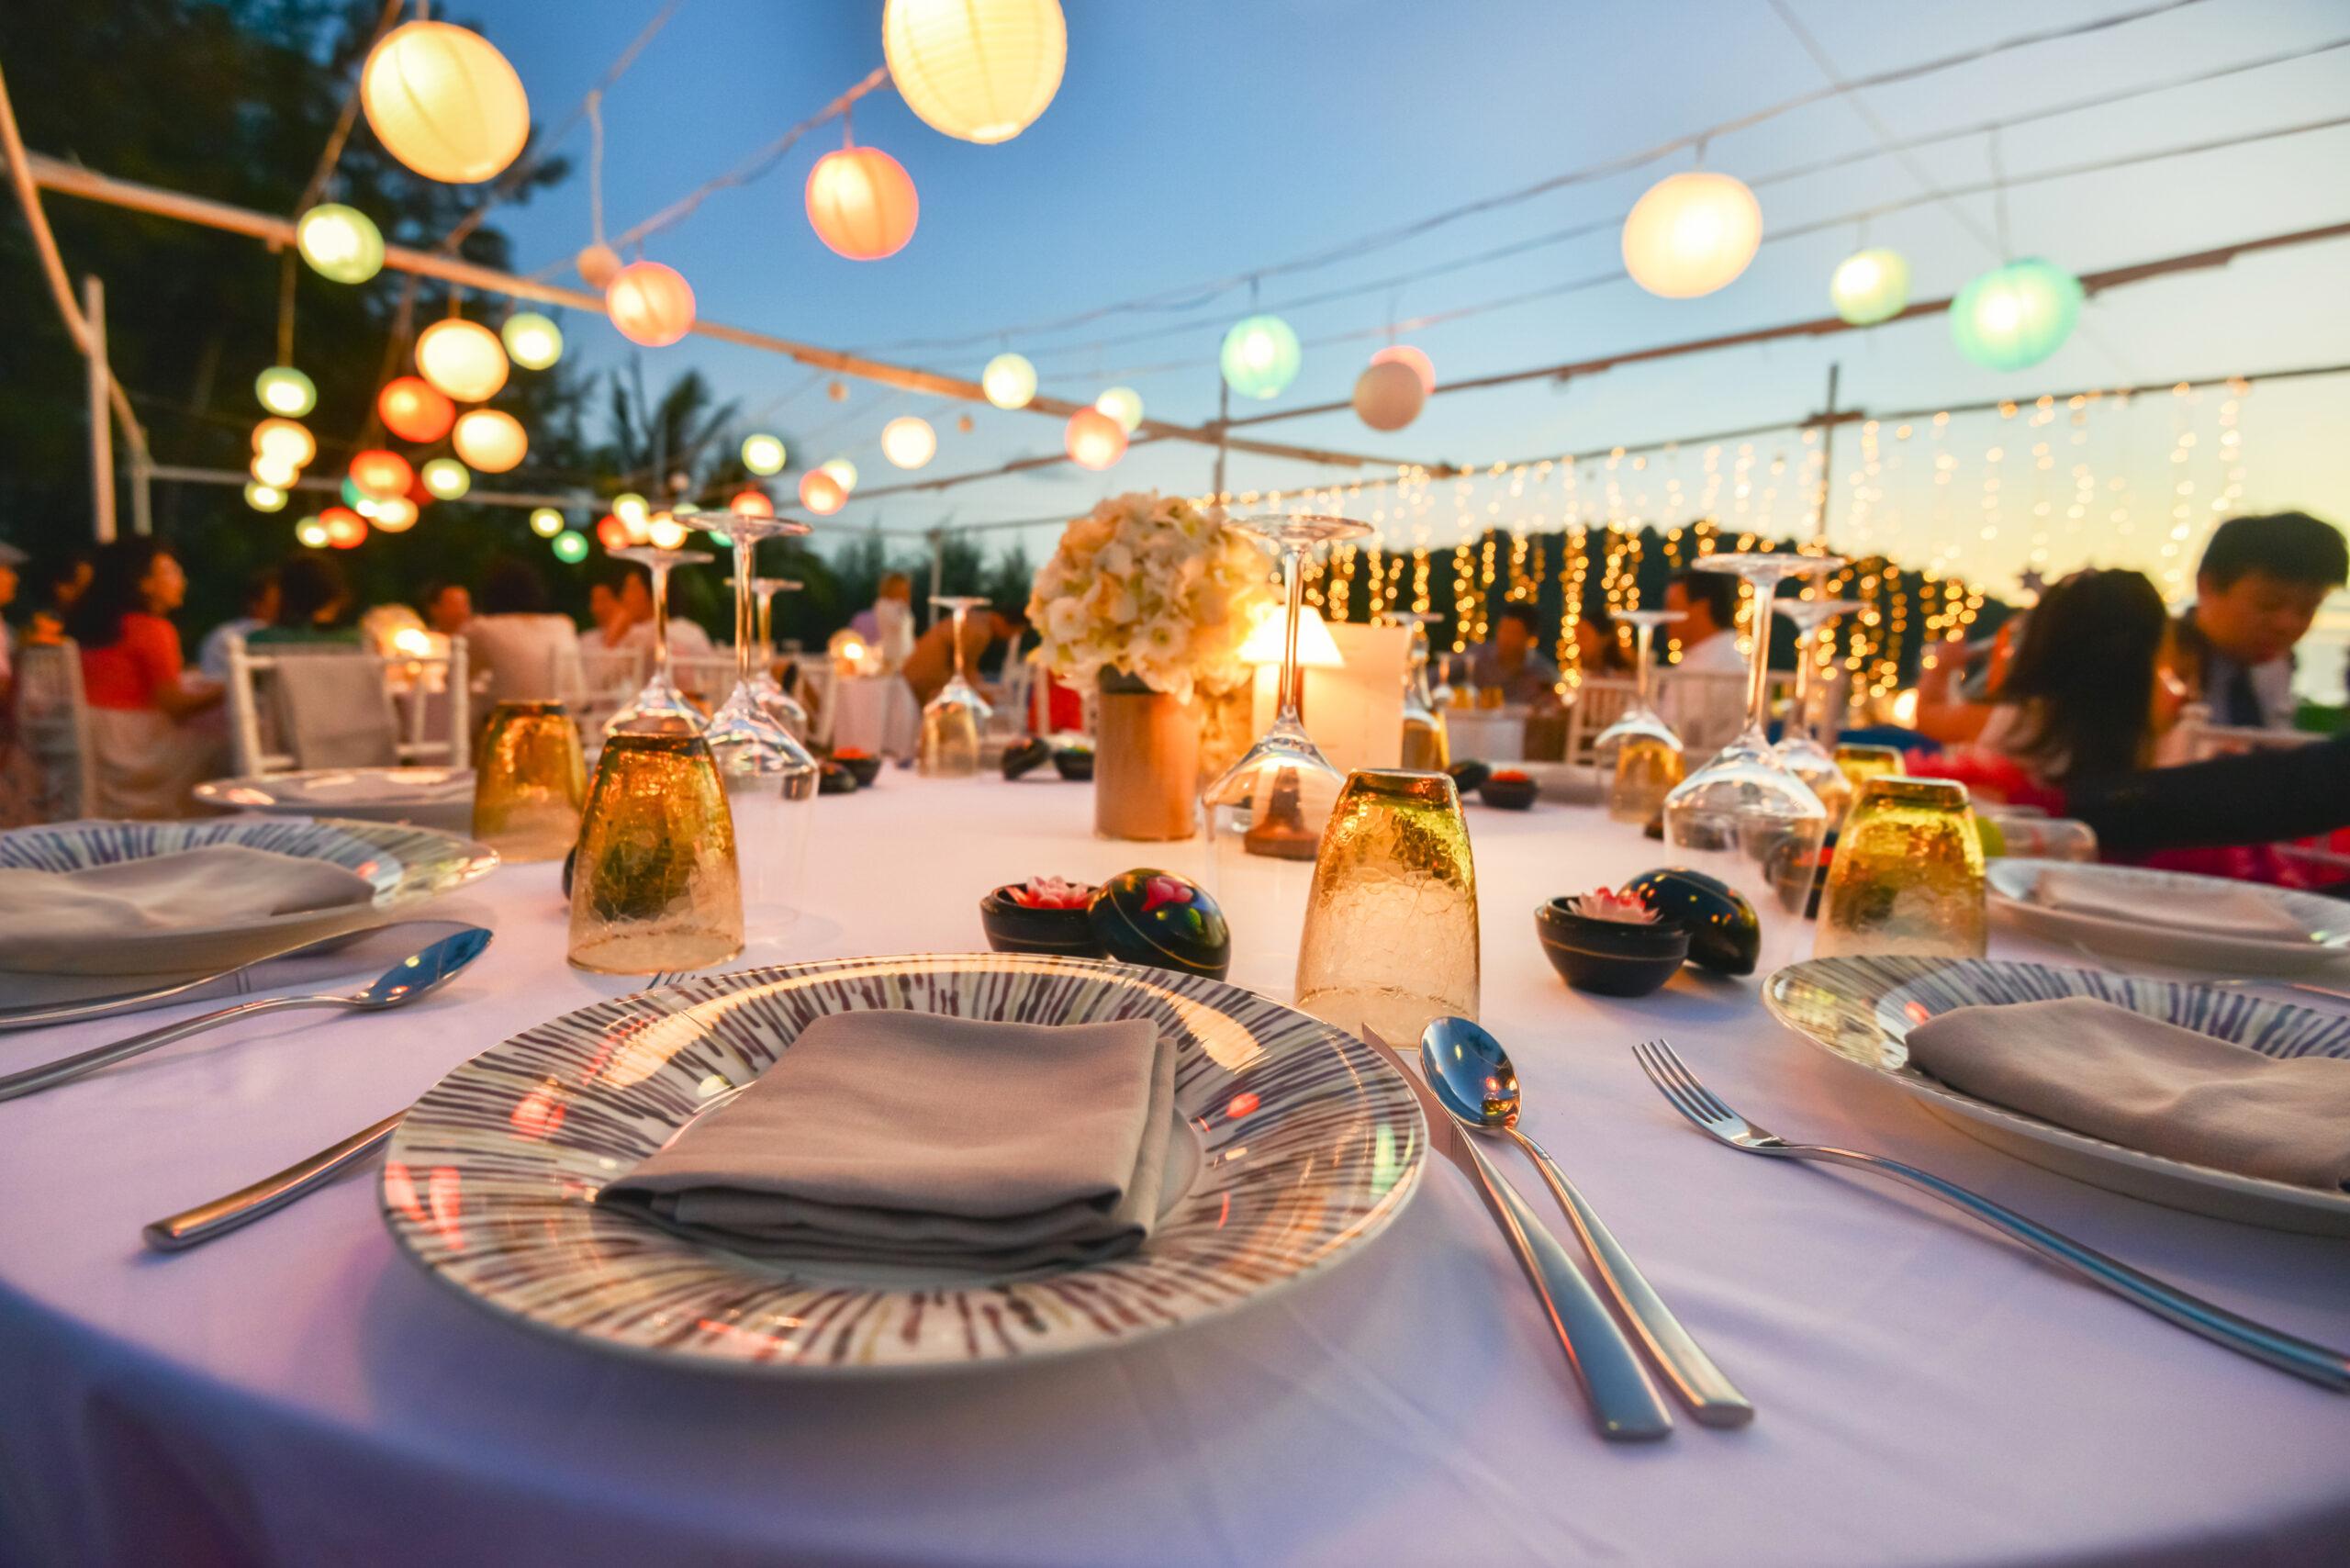 Tisch gedeckt für Party Event Catering Service